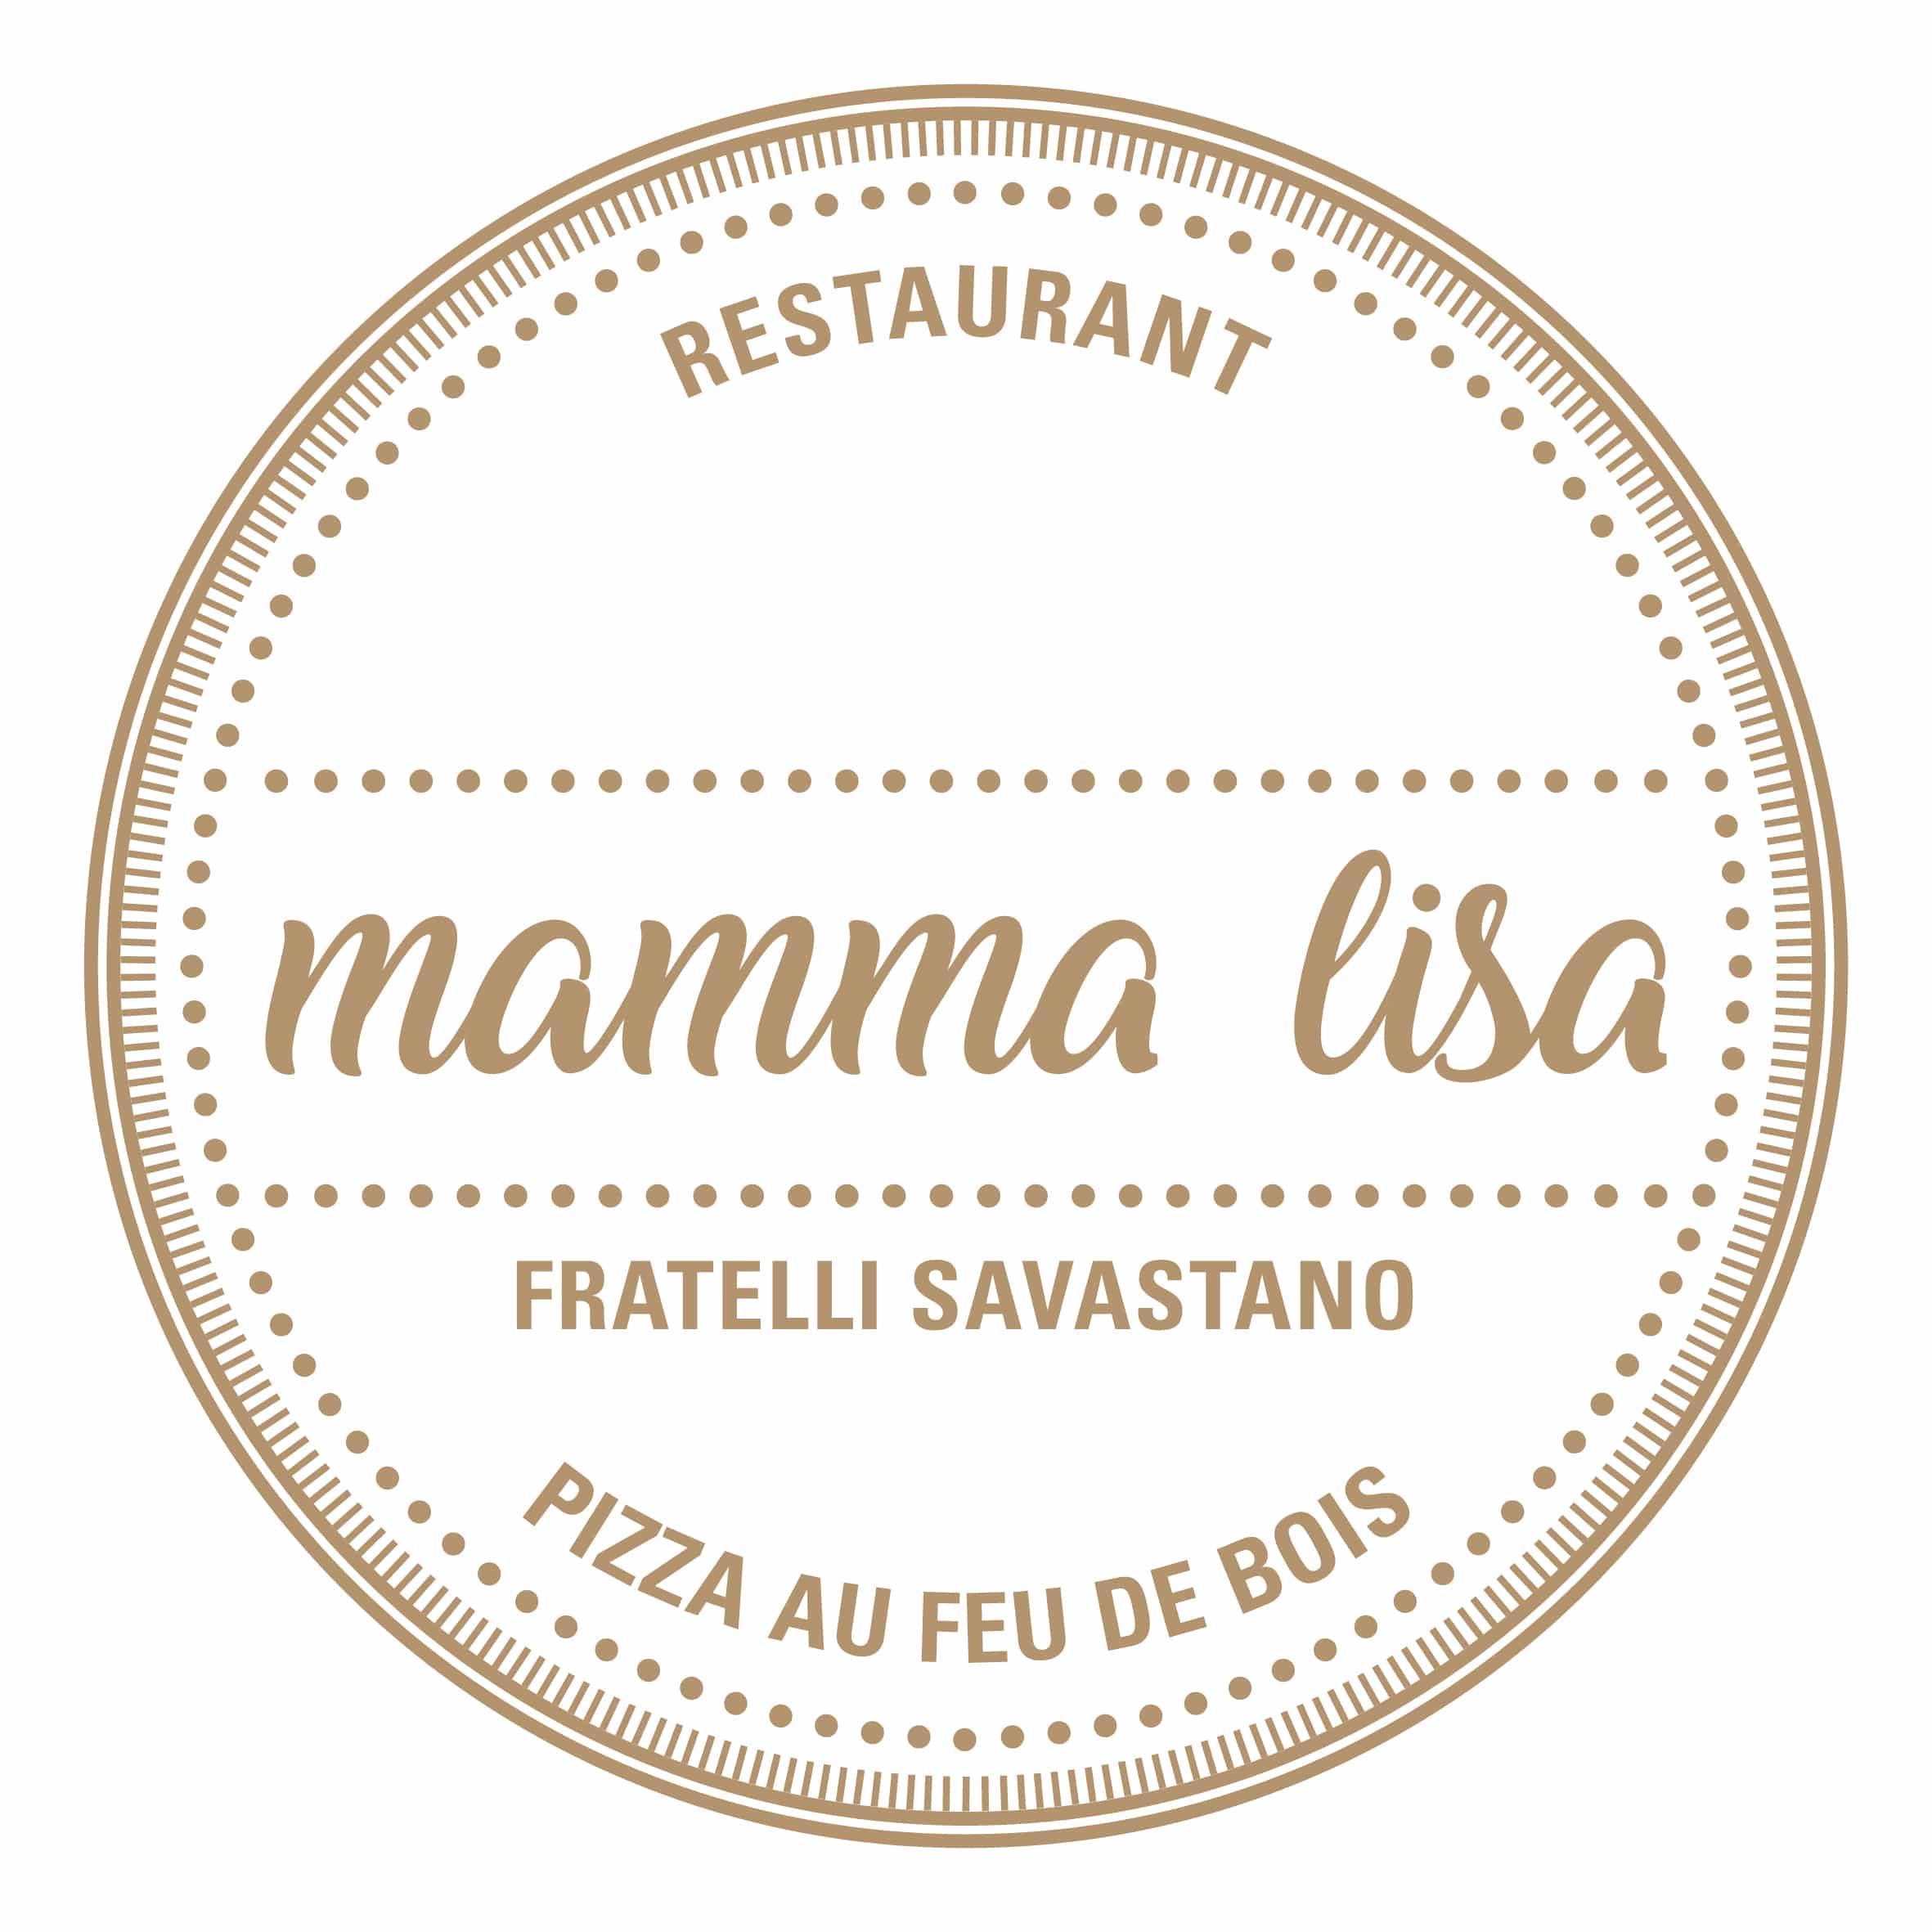 Mamma-Lisa-Restaurant-Pizzeria-Puplinge-Geneve-Suisse-Pizza-Pasta-Italia-Napoli-Logo-Fratelli-Savastano